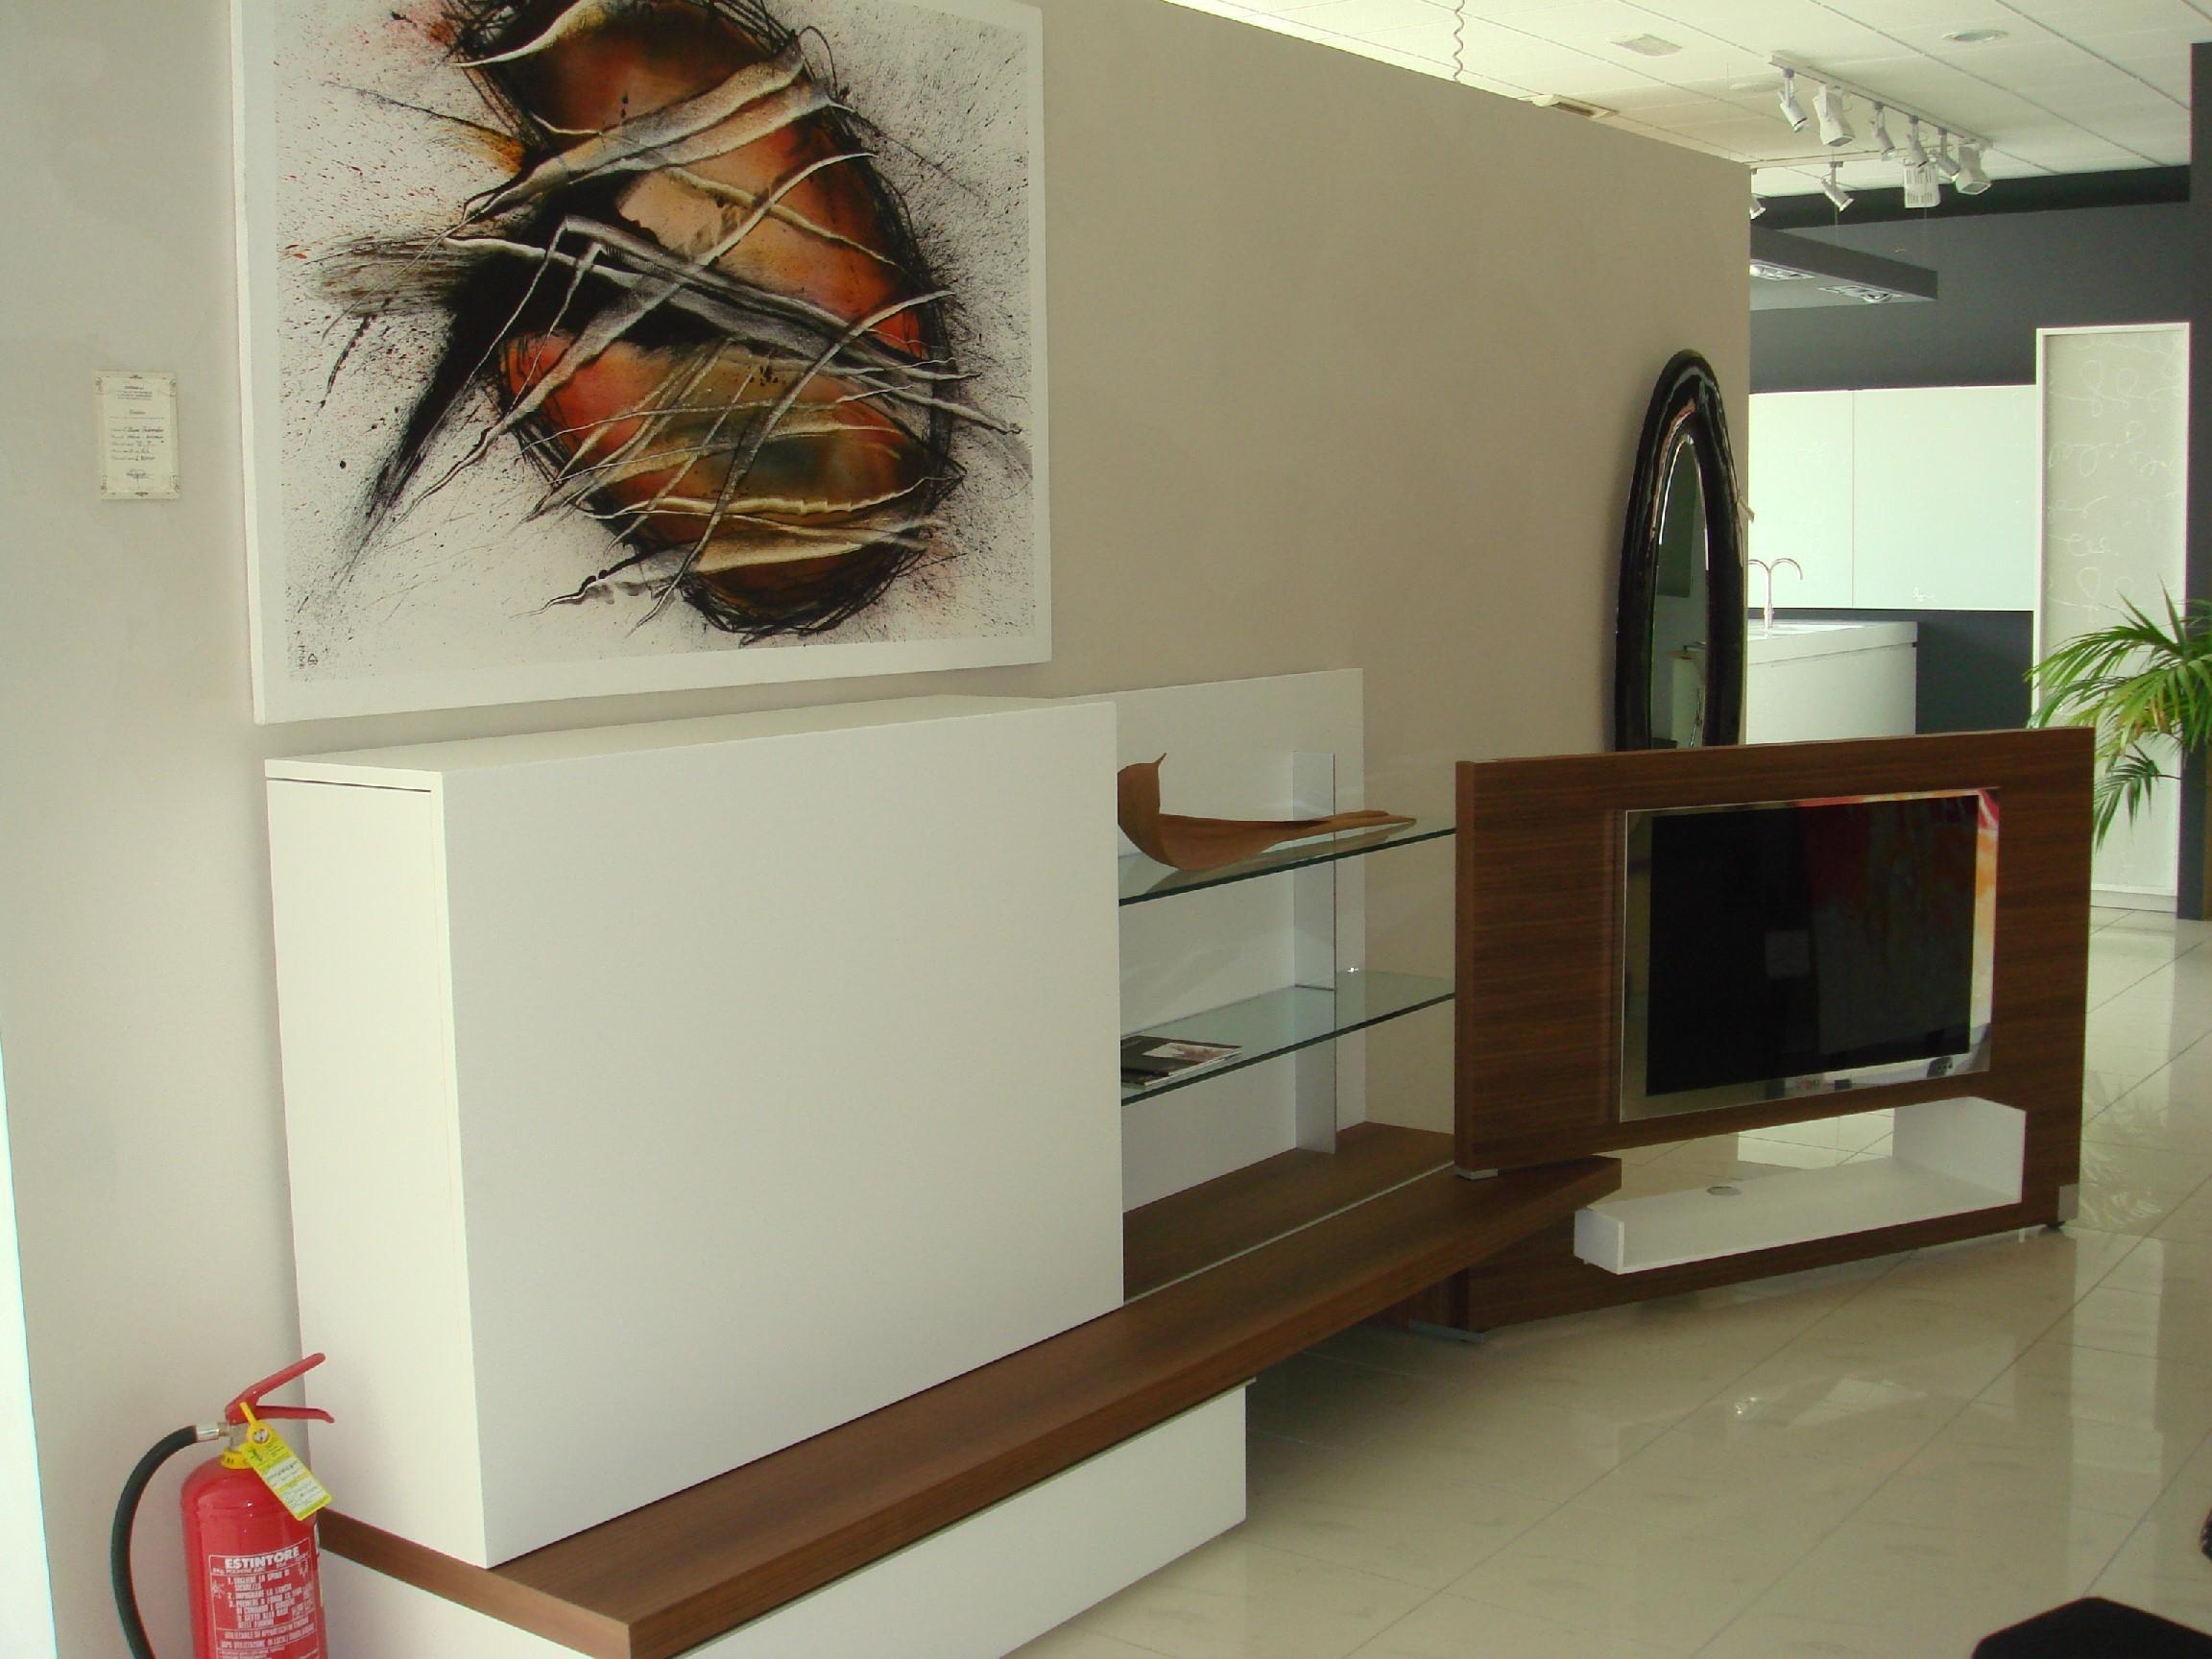 Soggiorno former plinto laccato opaco pareti attrezzate design soggiorni a prezzi scontati - Pareti attrezzate design ...